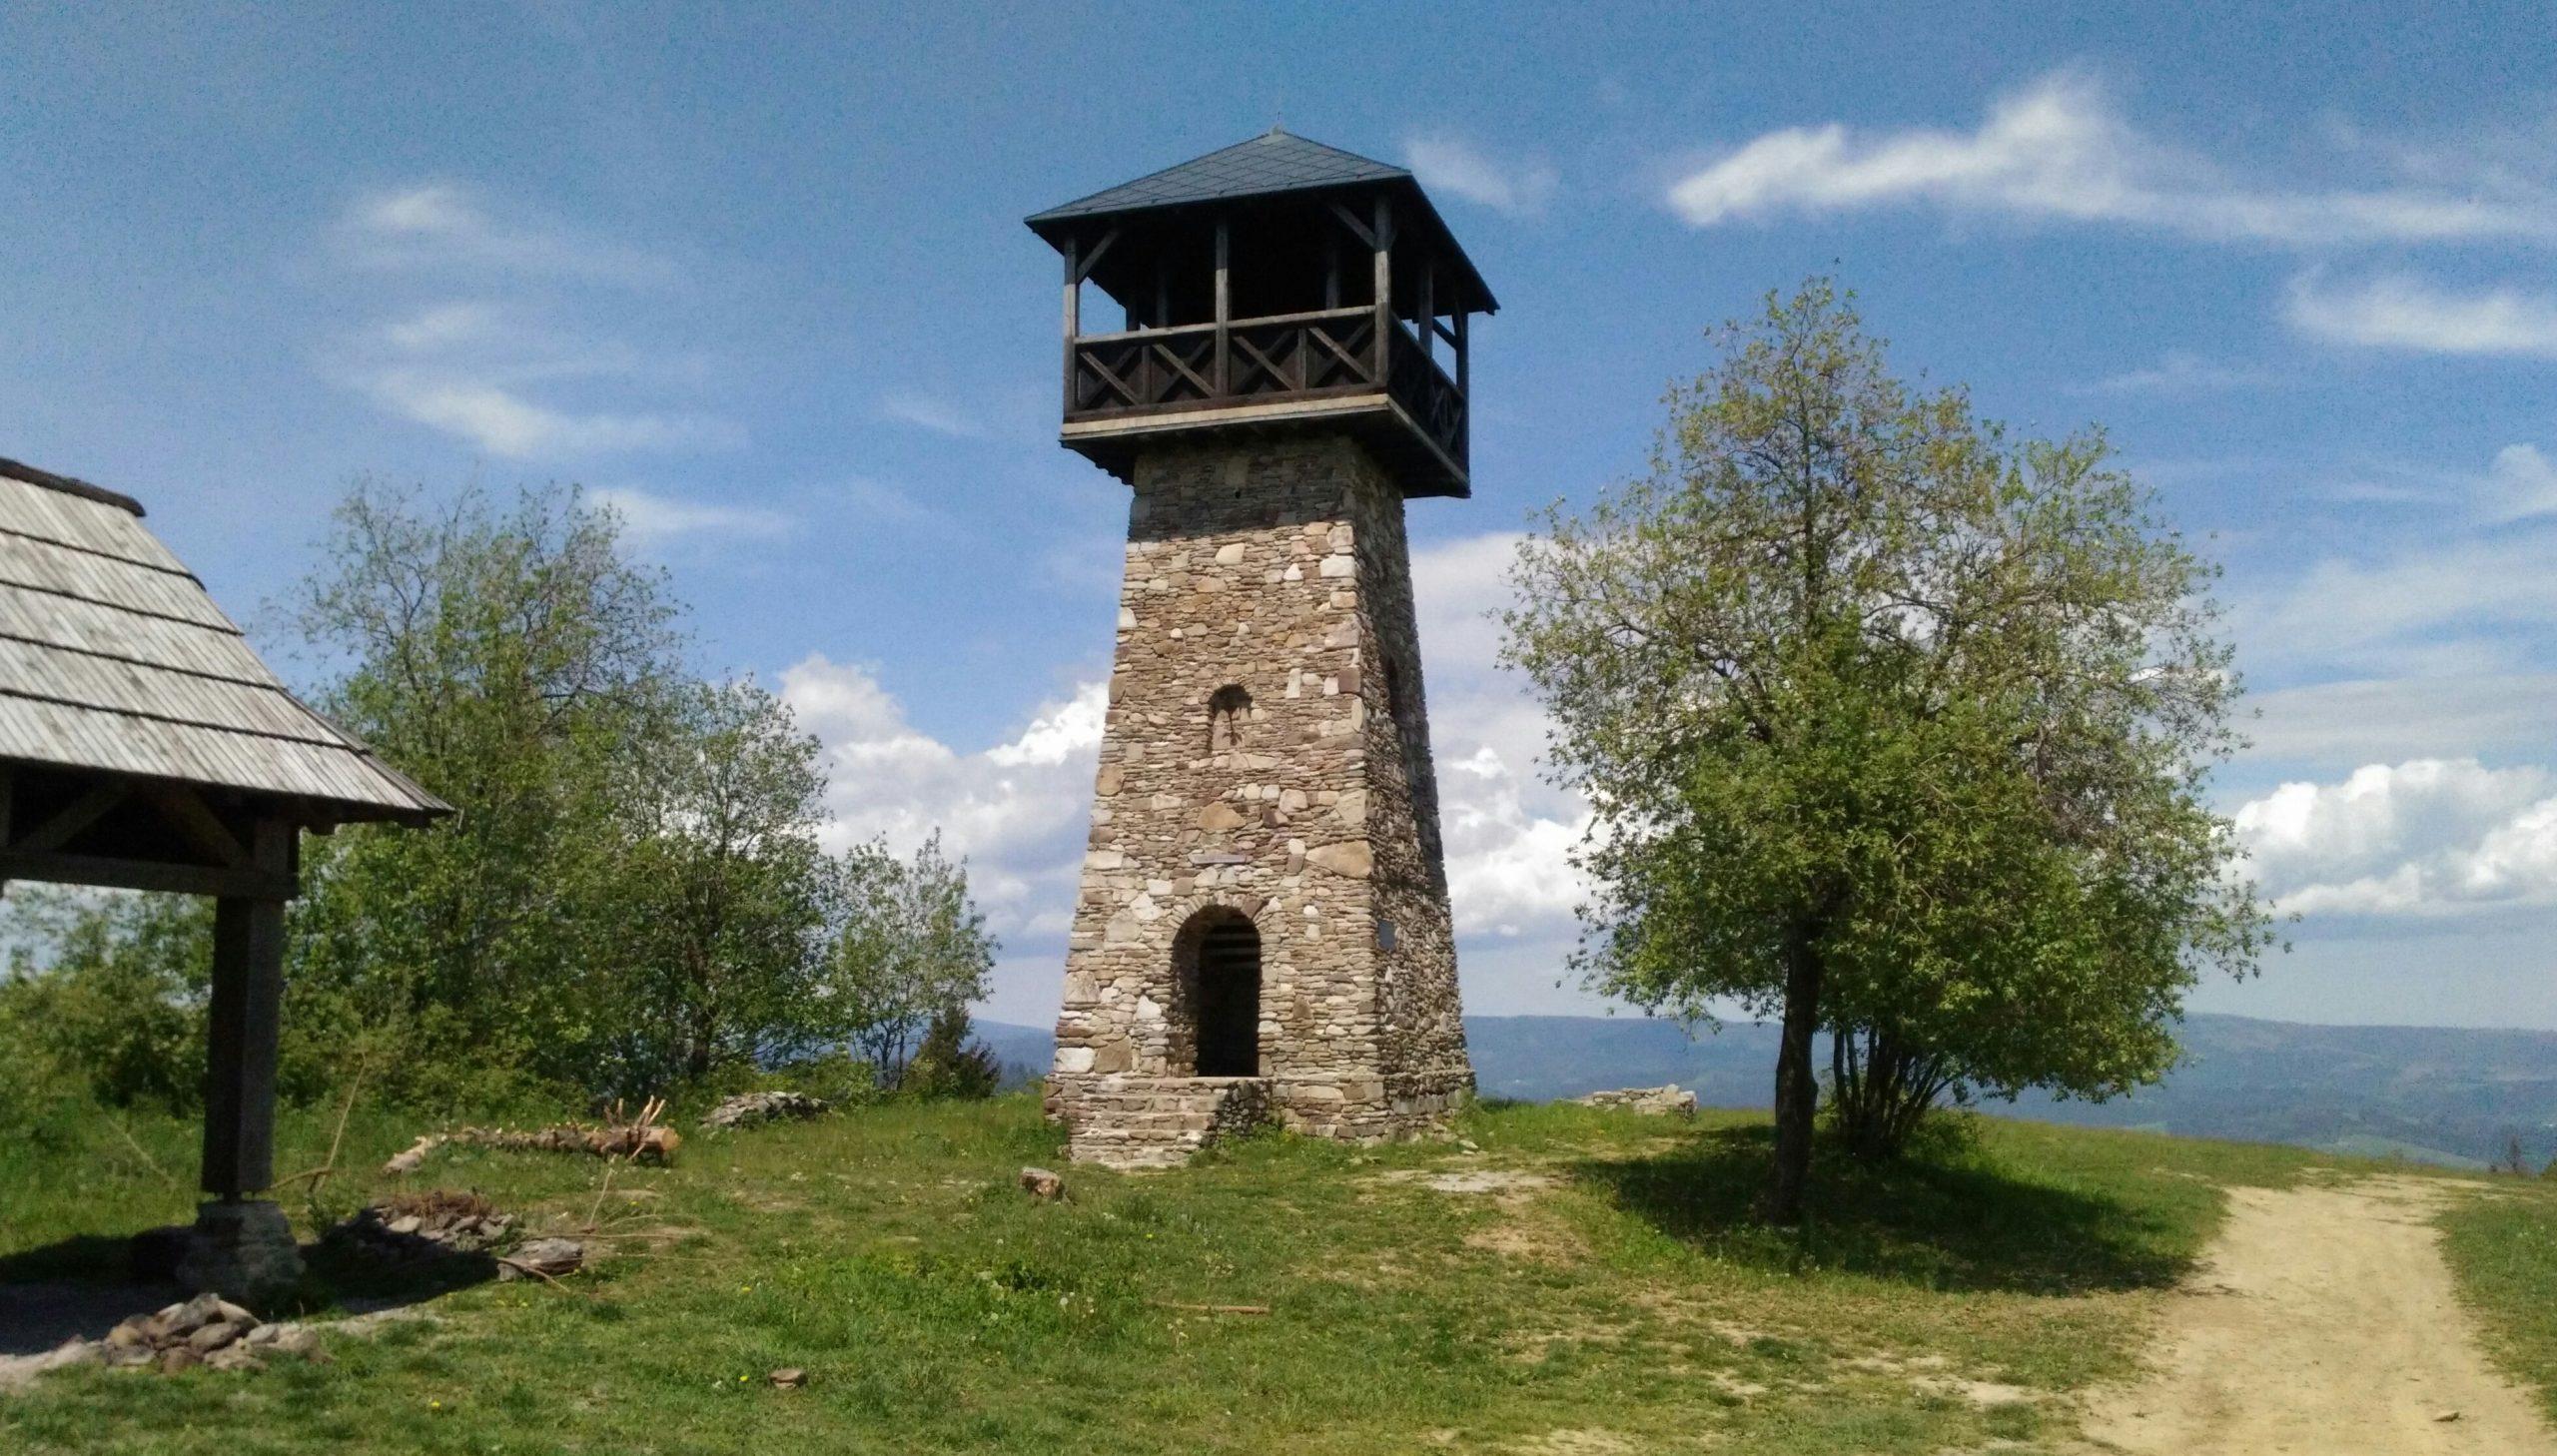 Marťácky_vrch,Autor_Hornokysučan_Wiki Commons, Licencia CC-BY-SA-4.0.